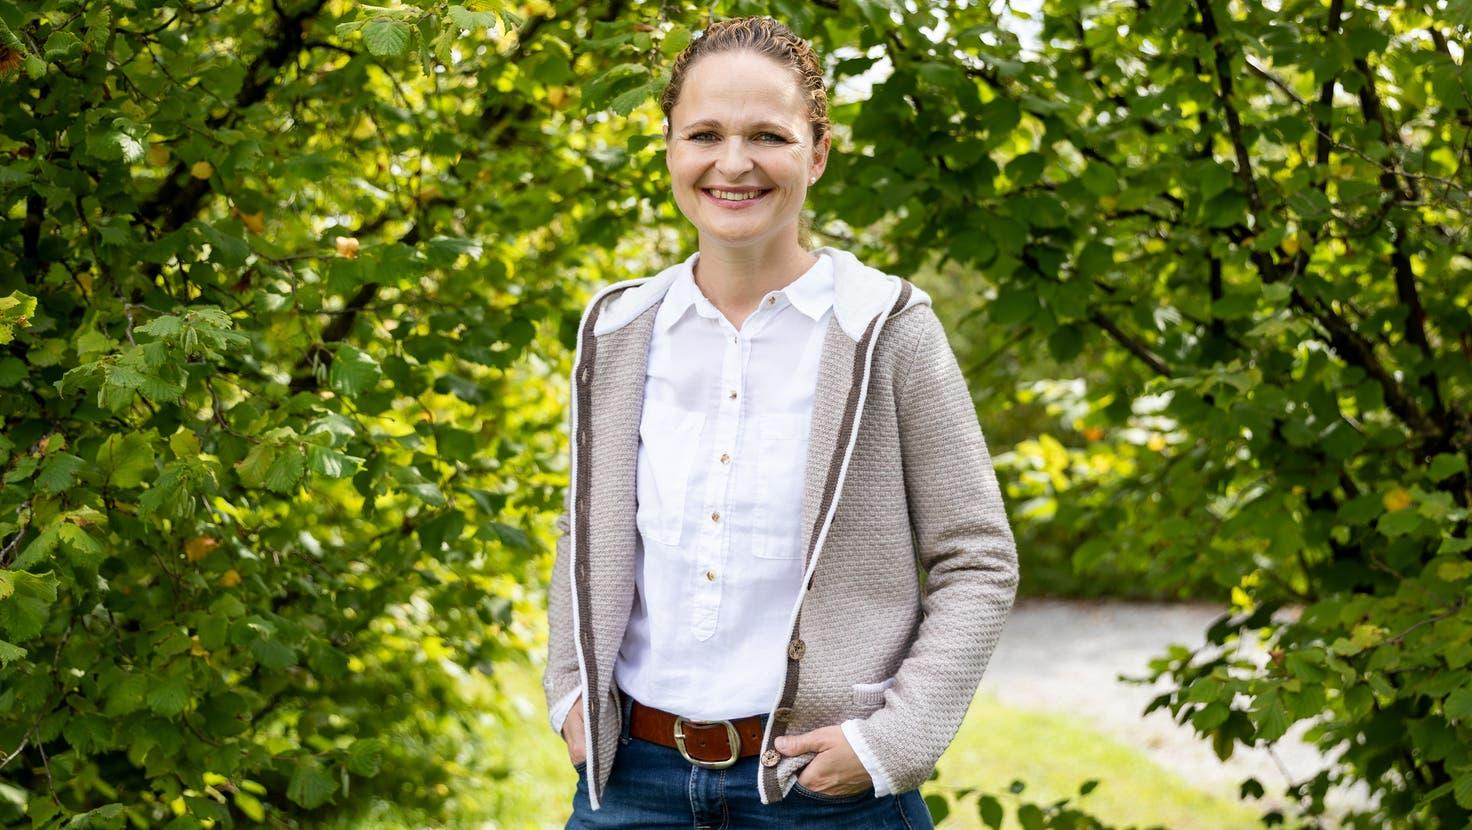 Gesund und glücklich: Michelle Hug lebt seit bald zehn Jahren mit einem Spenderherz. (Valentin Hehli / MAN)